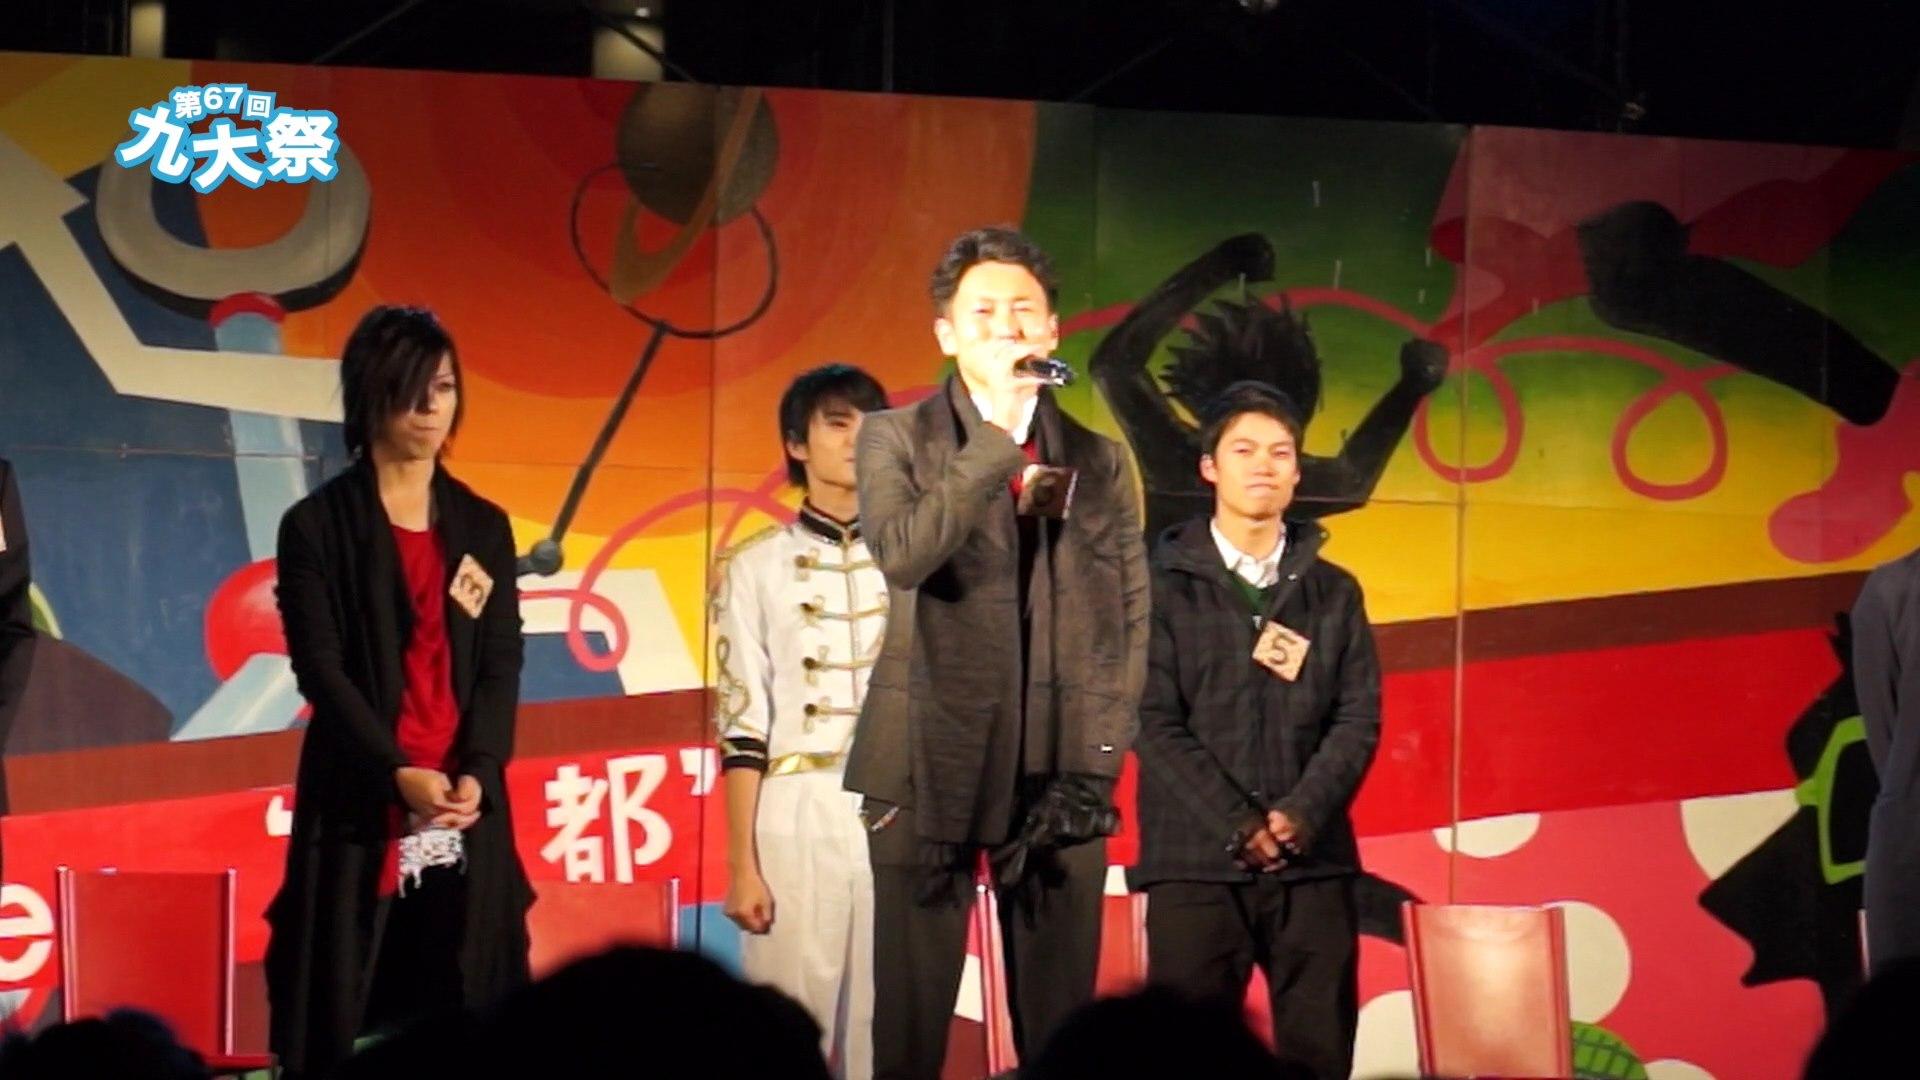 第67回 九州大学学祭.mov_000551432